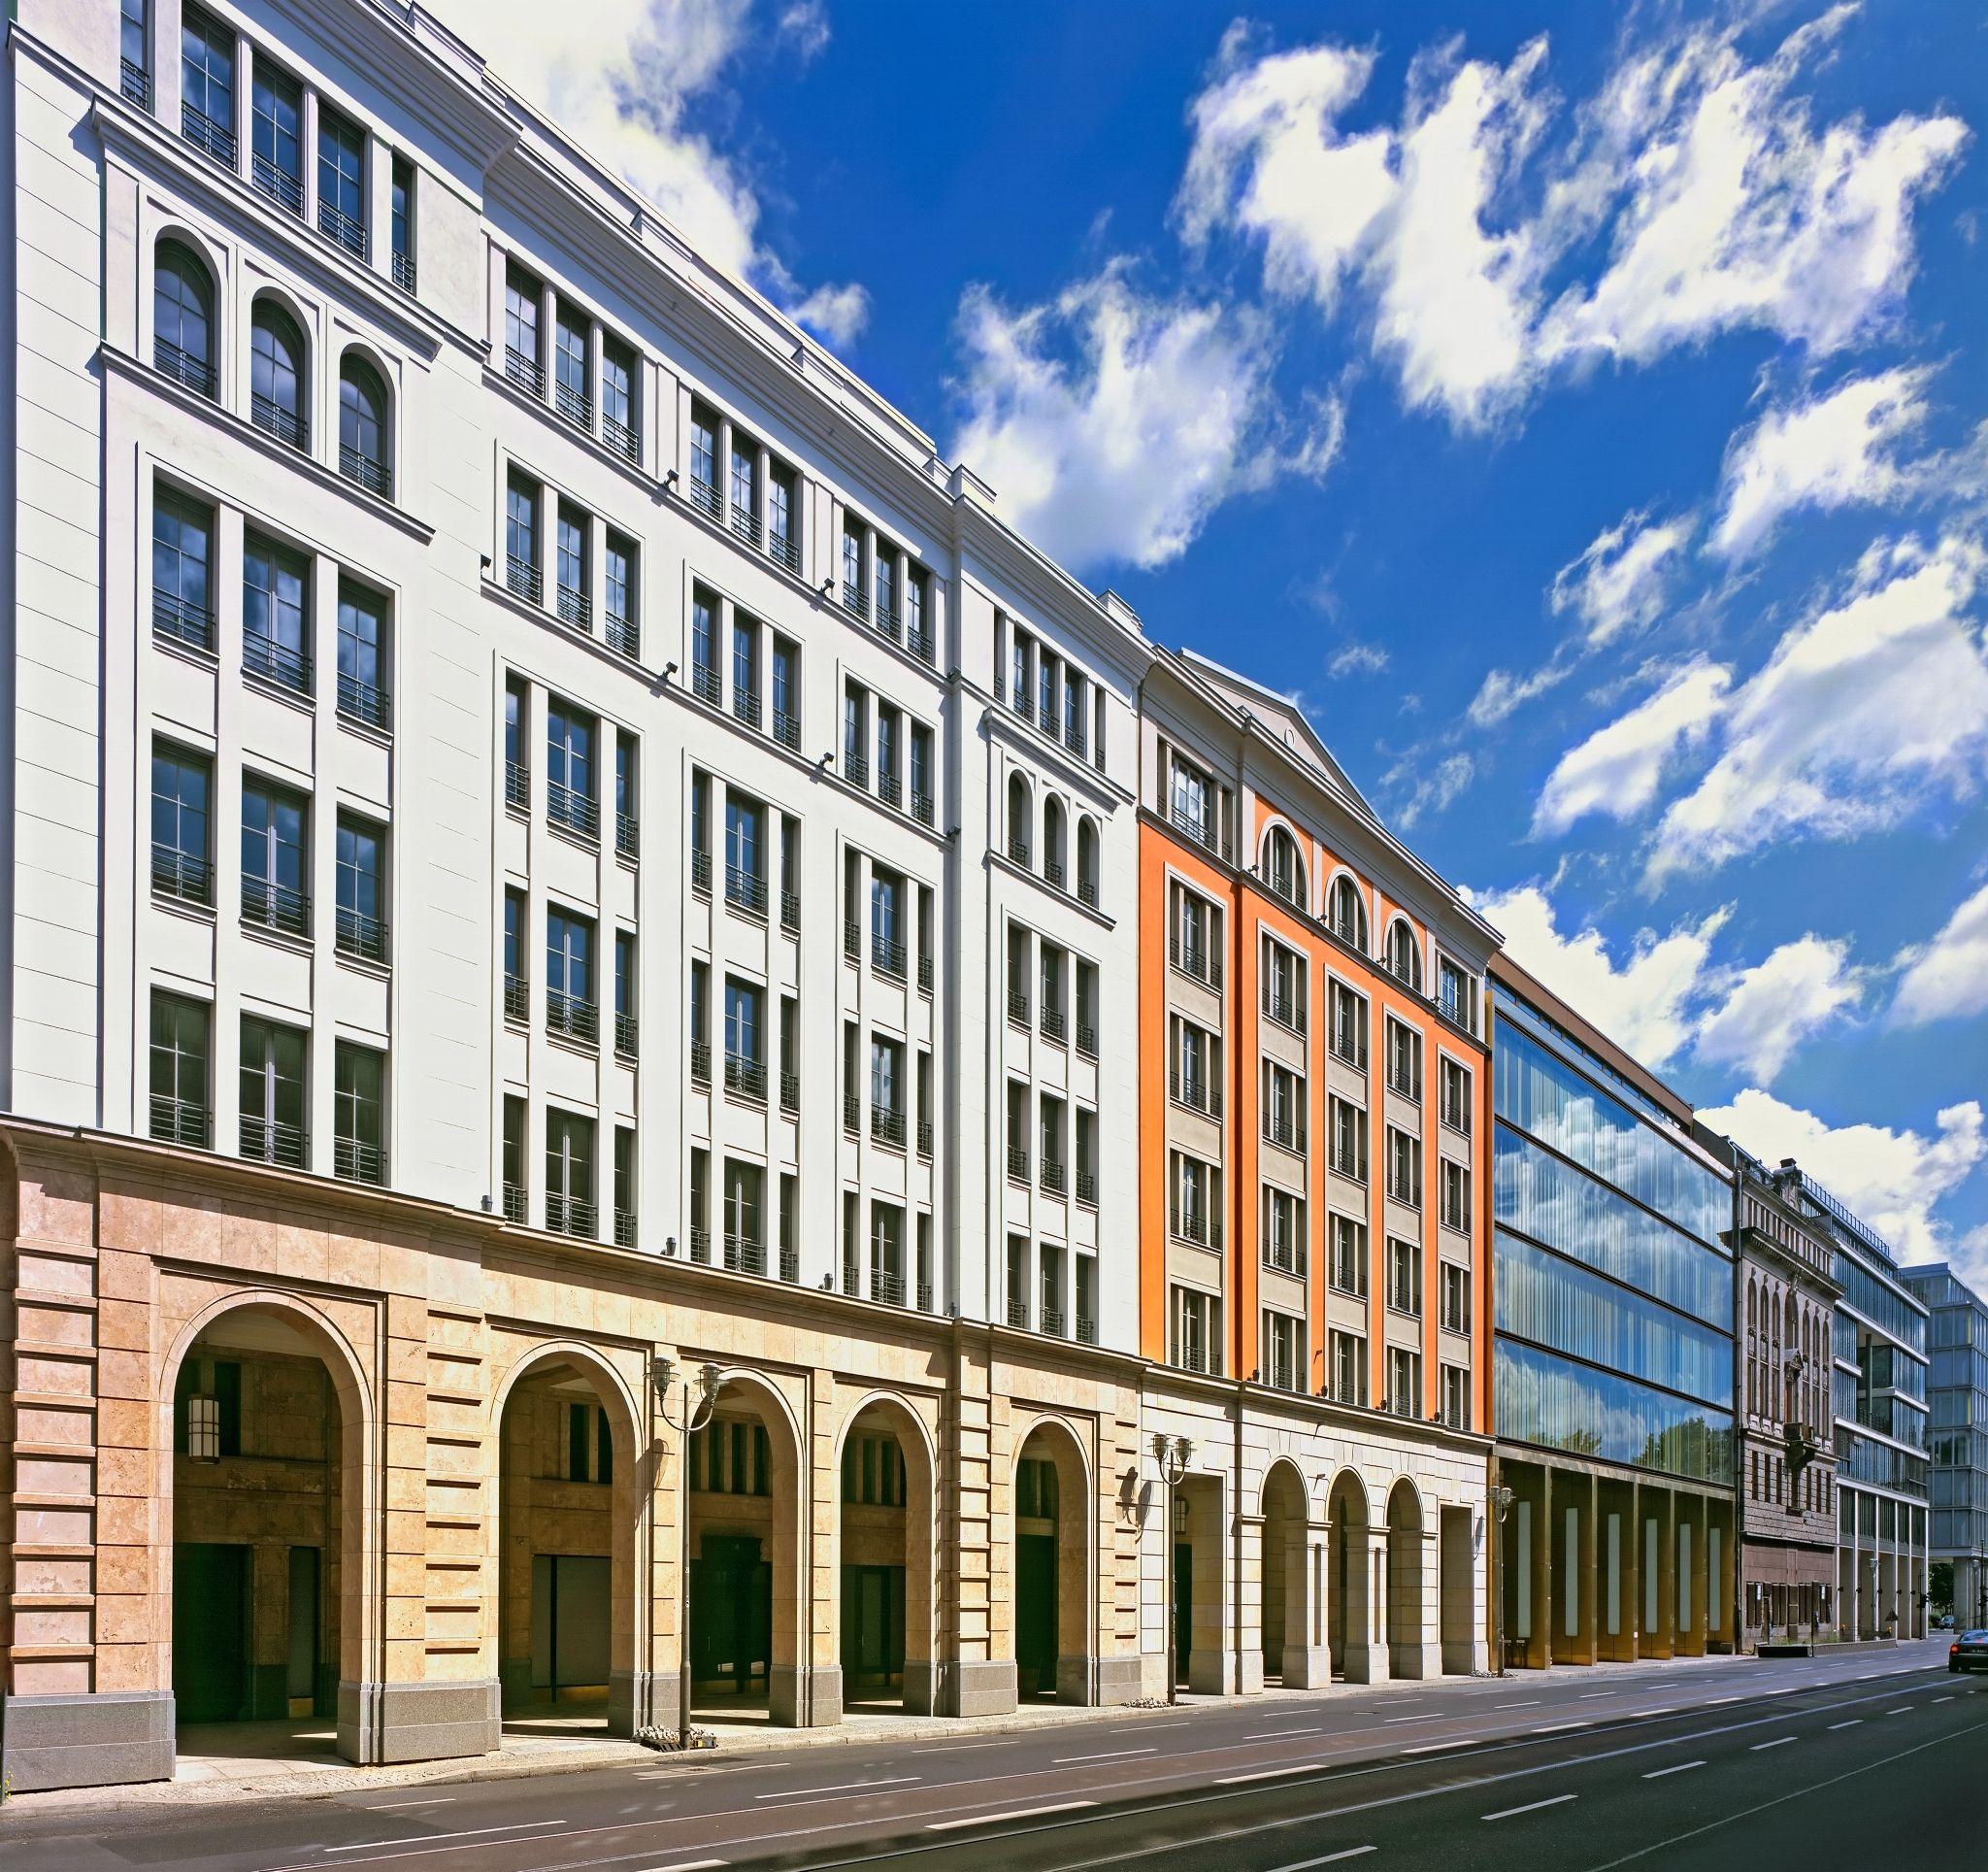 Patzschke_Architektur_Leipziger Str 126_Berlin_Bild1